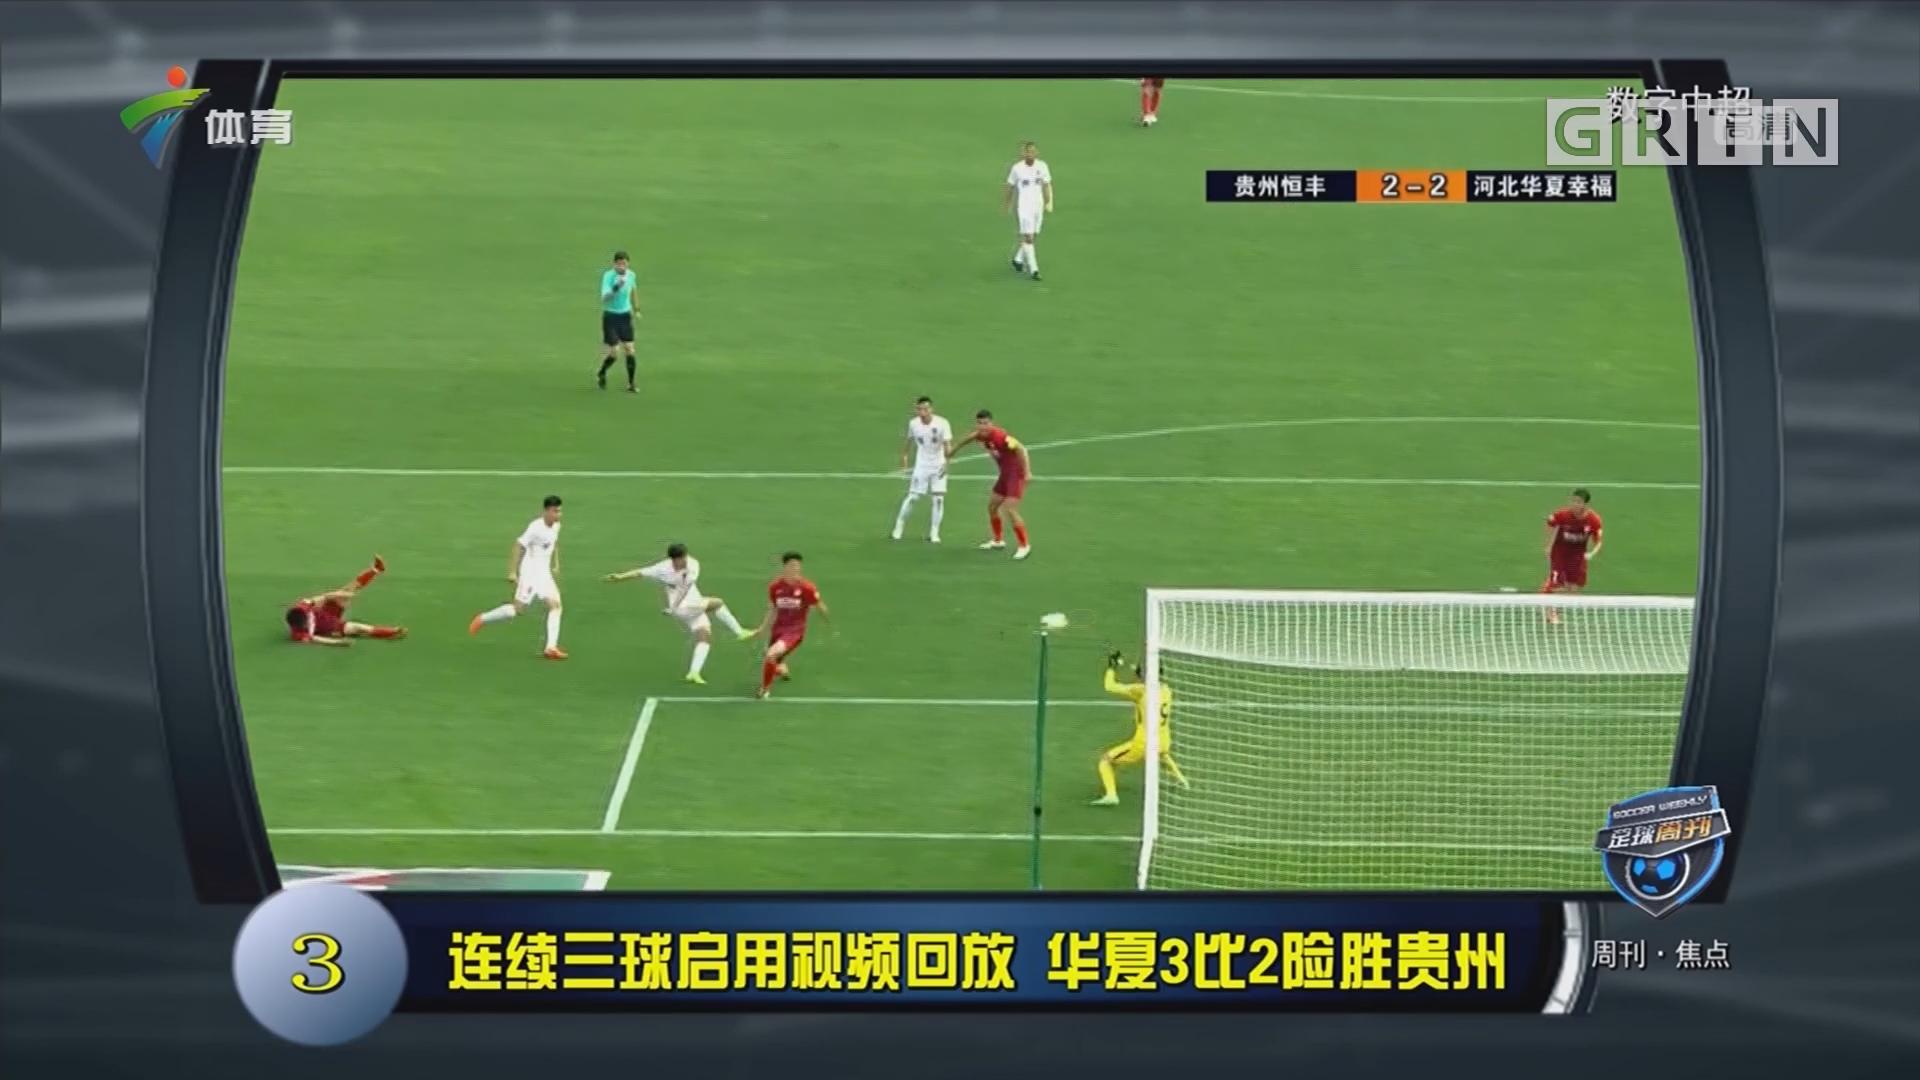 连续三球启用视频回放 华夏3比2险胜贵州